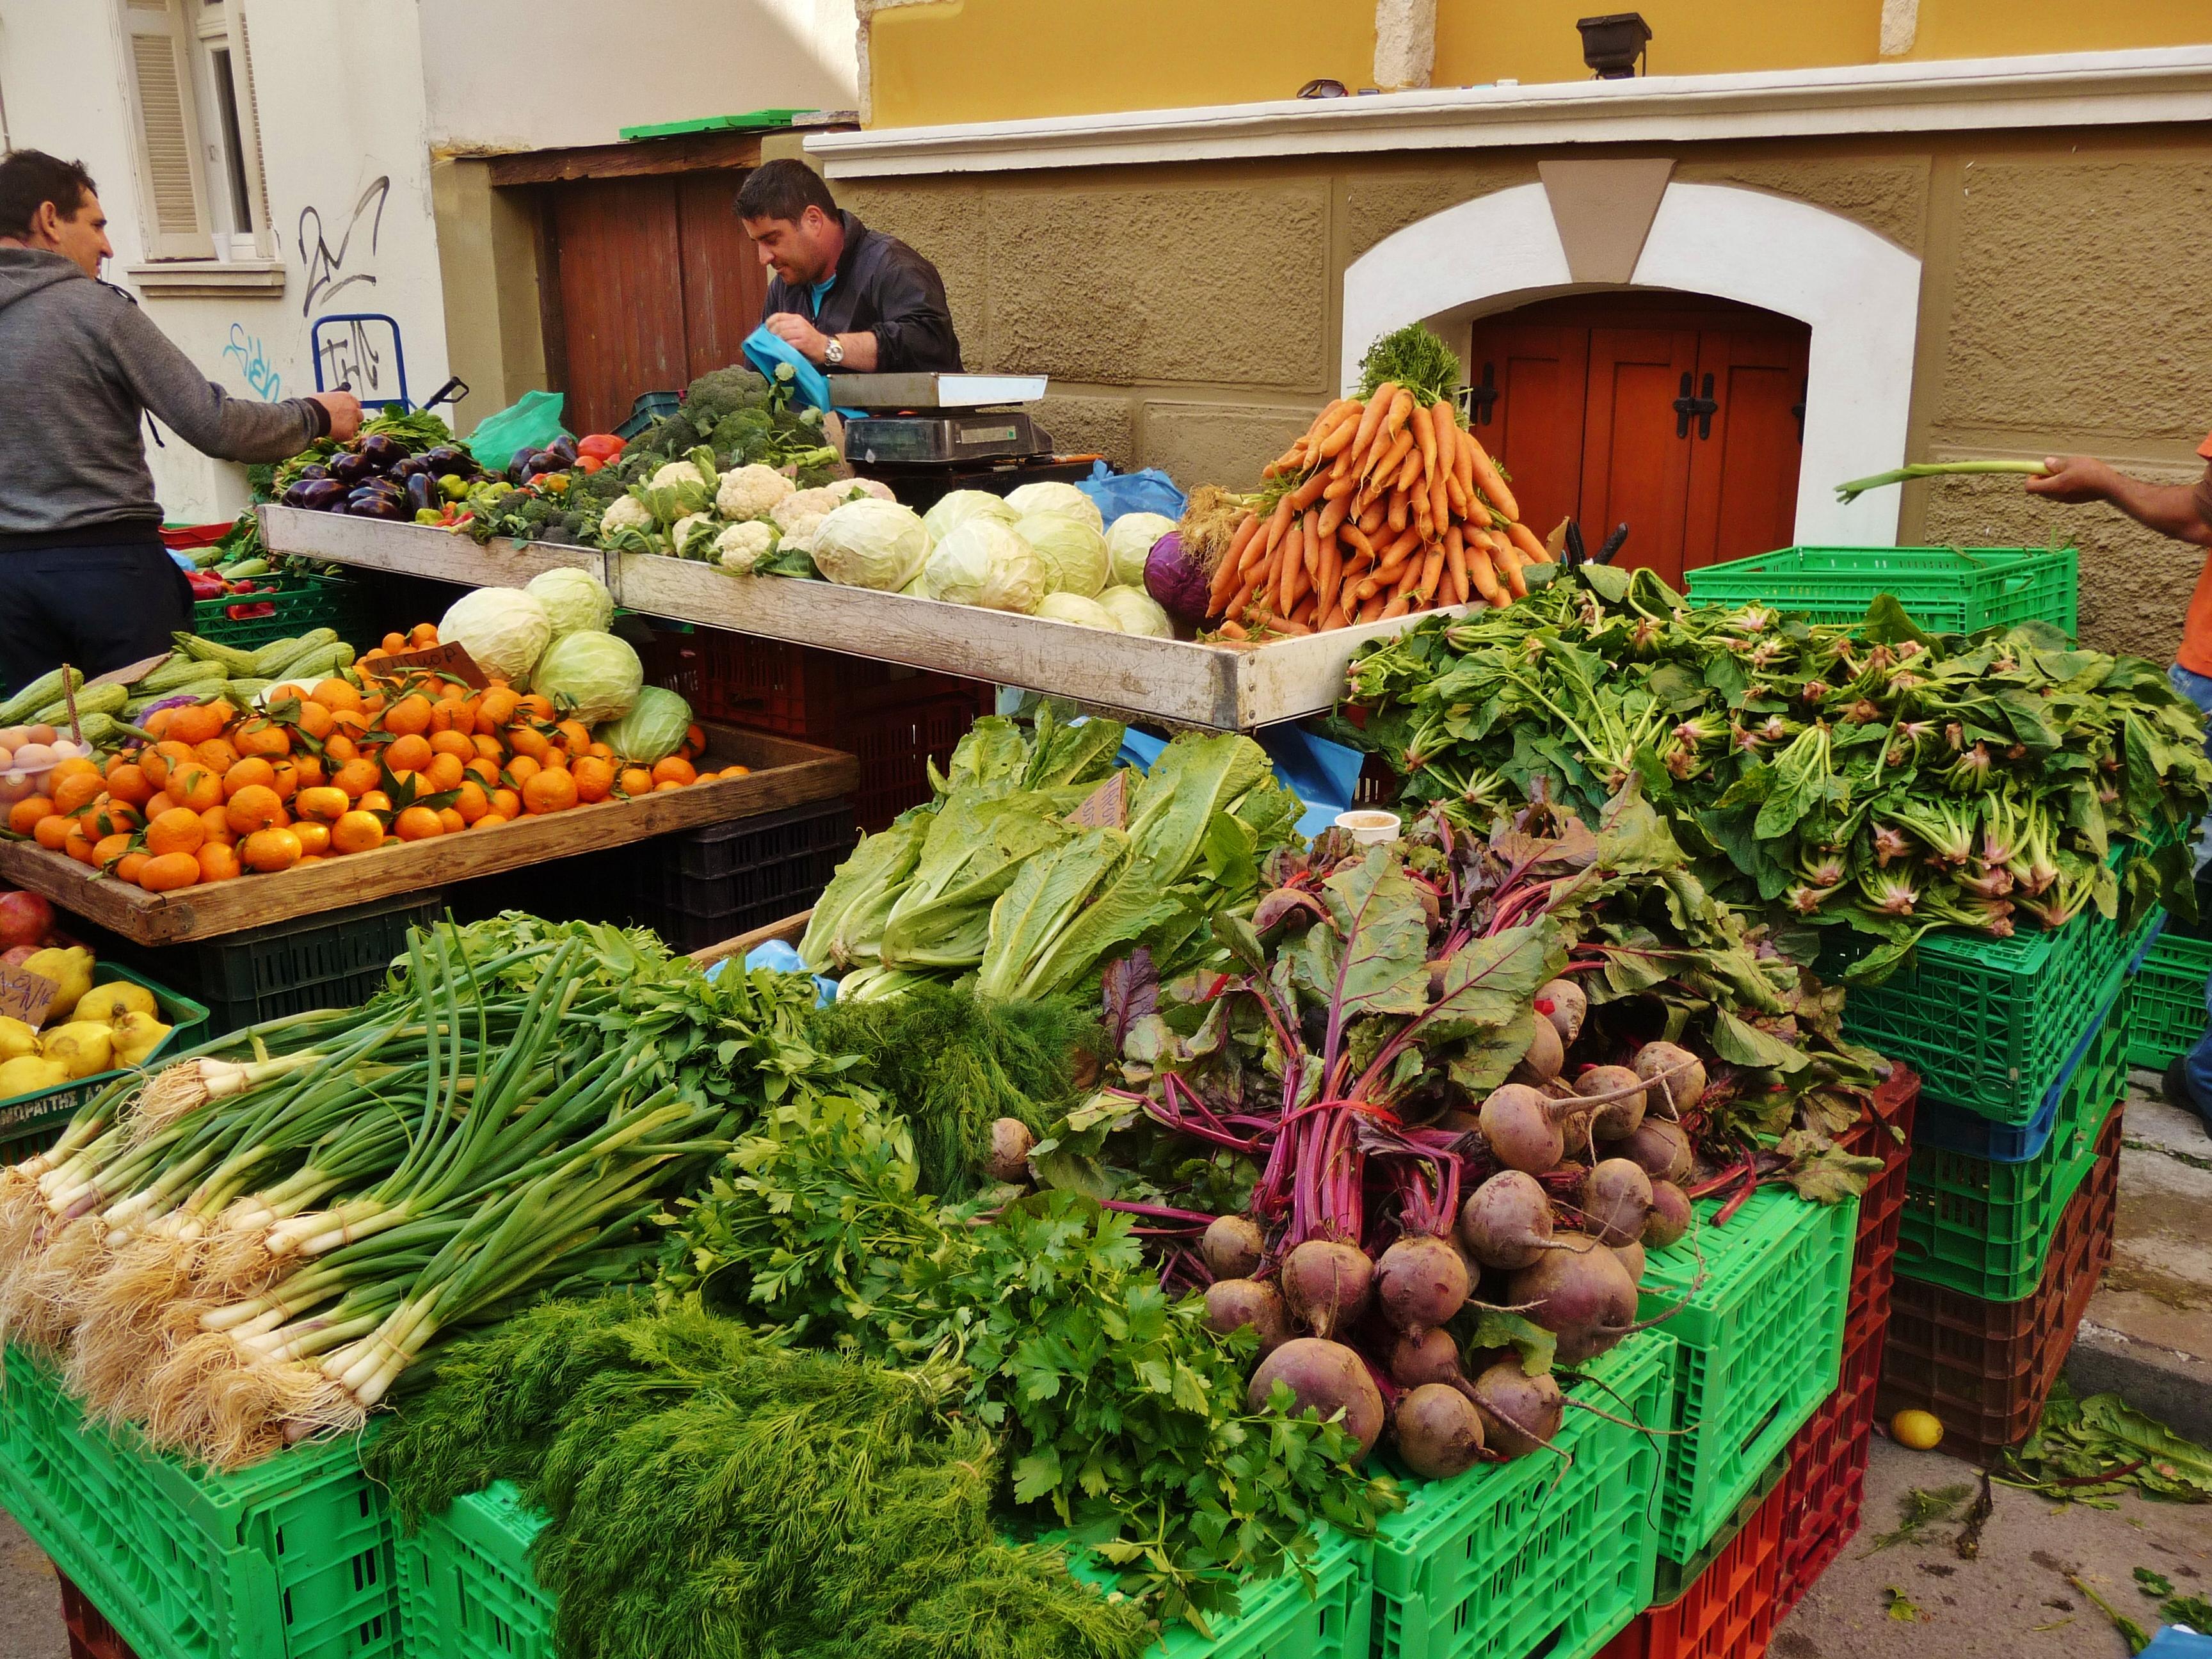 Vegerables & fruit, piled high